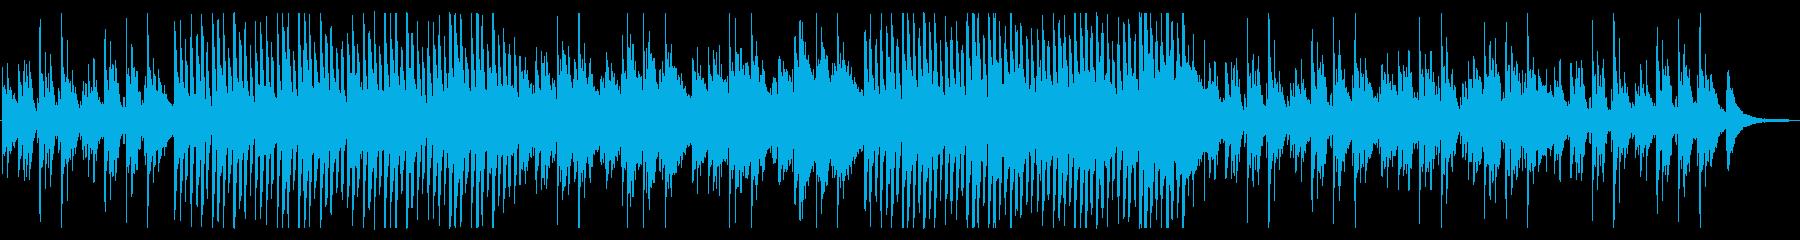 企業VP・CM 流れるようなピアノの再生済みの波形